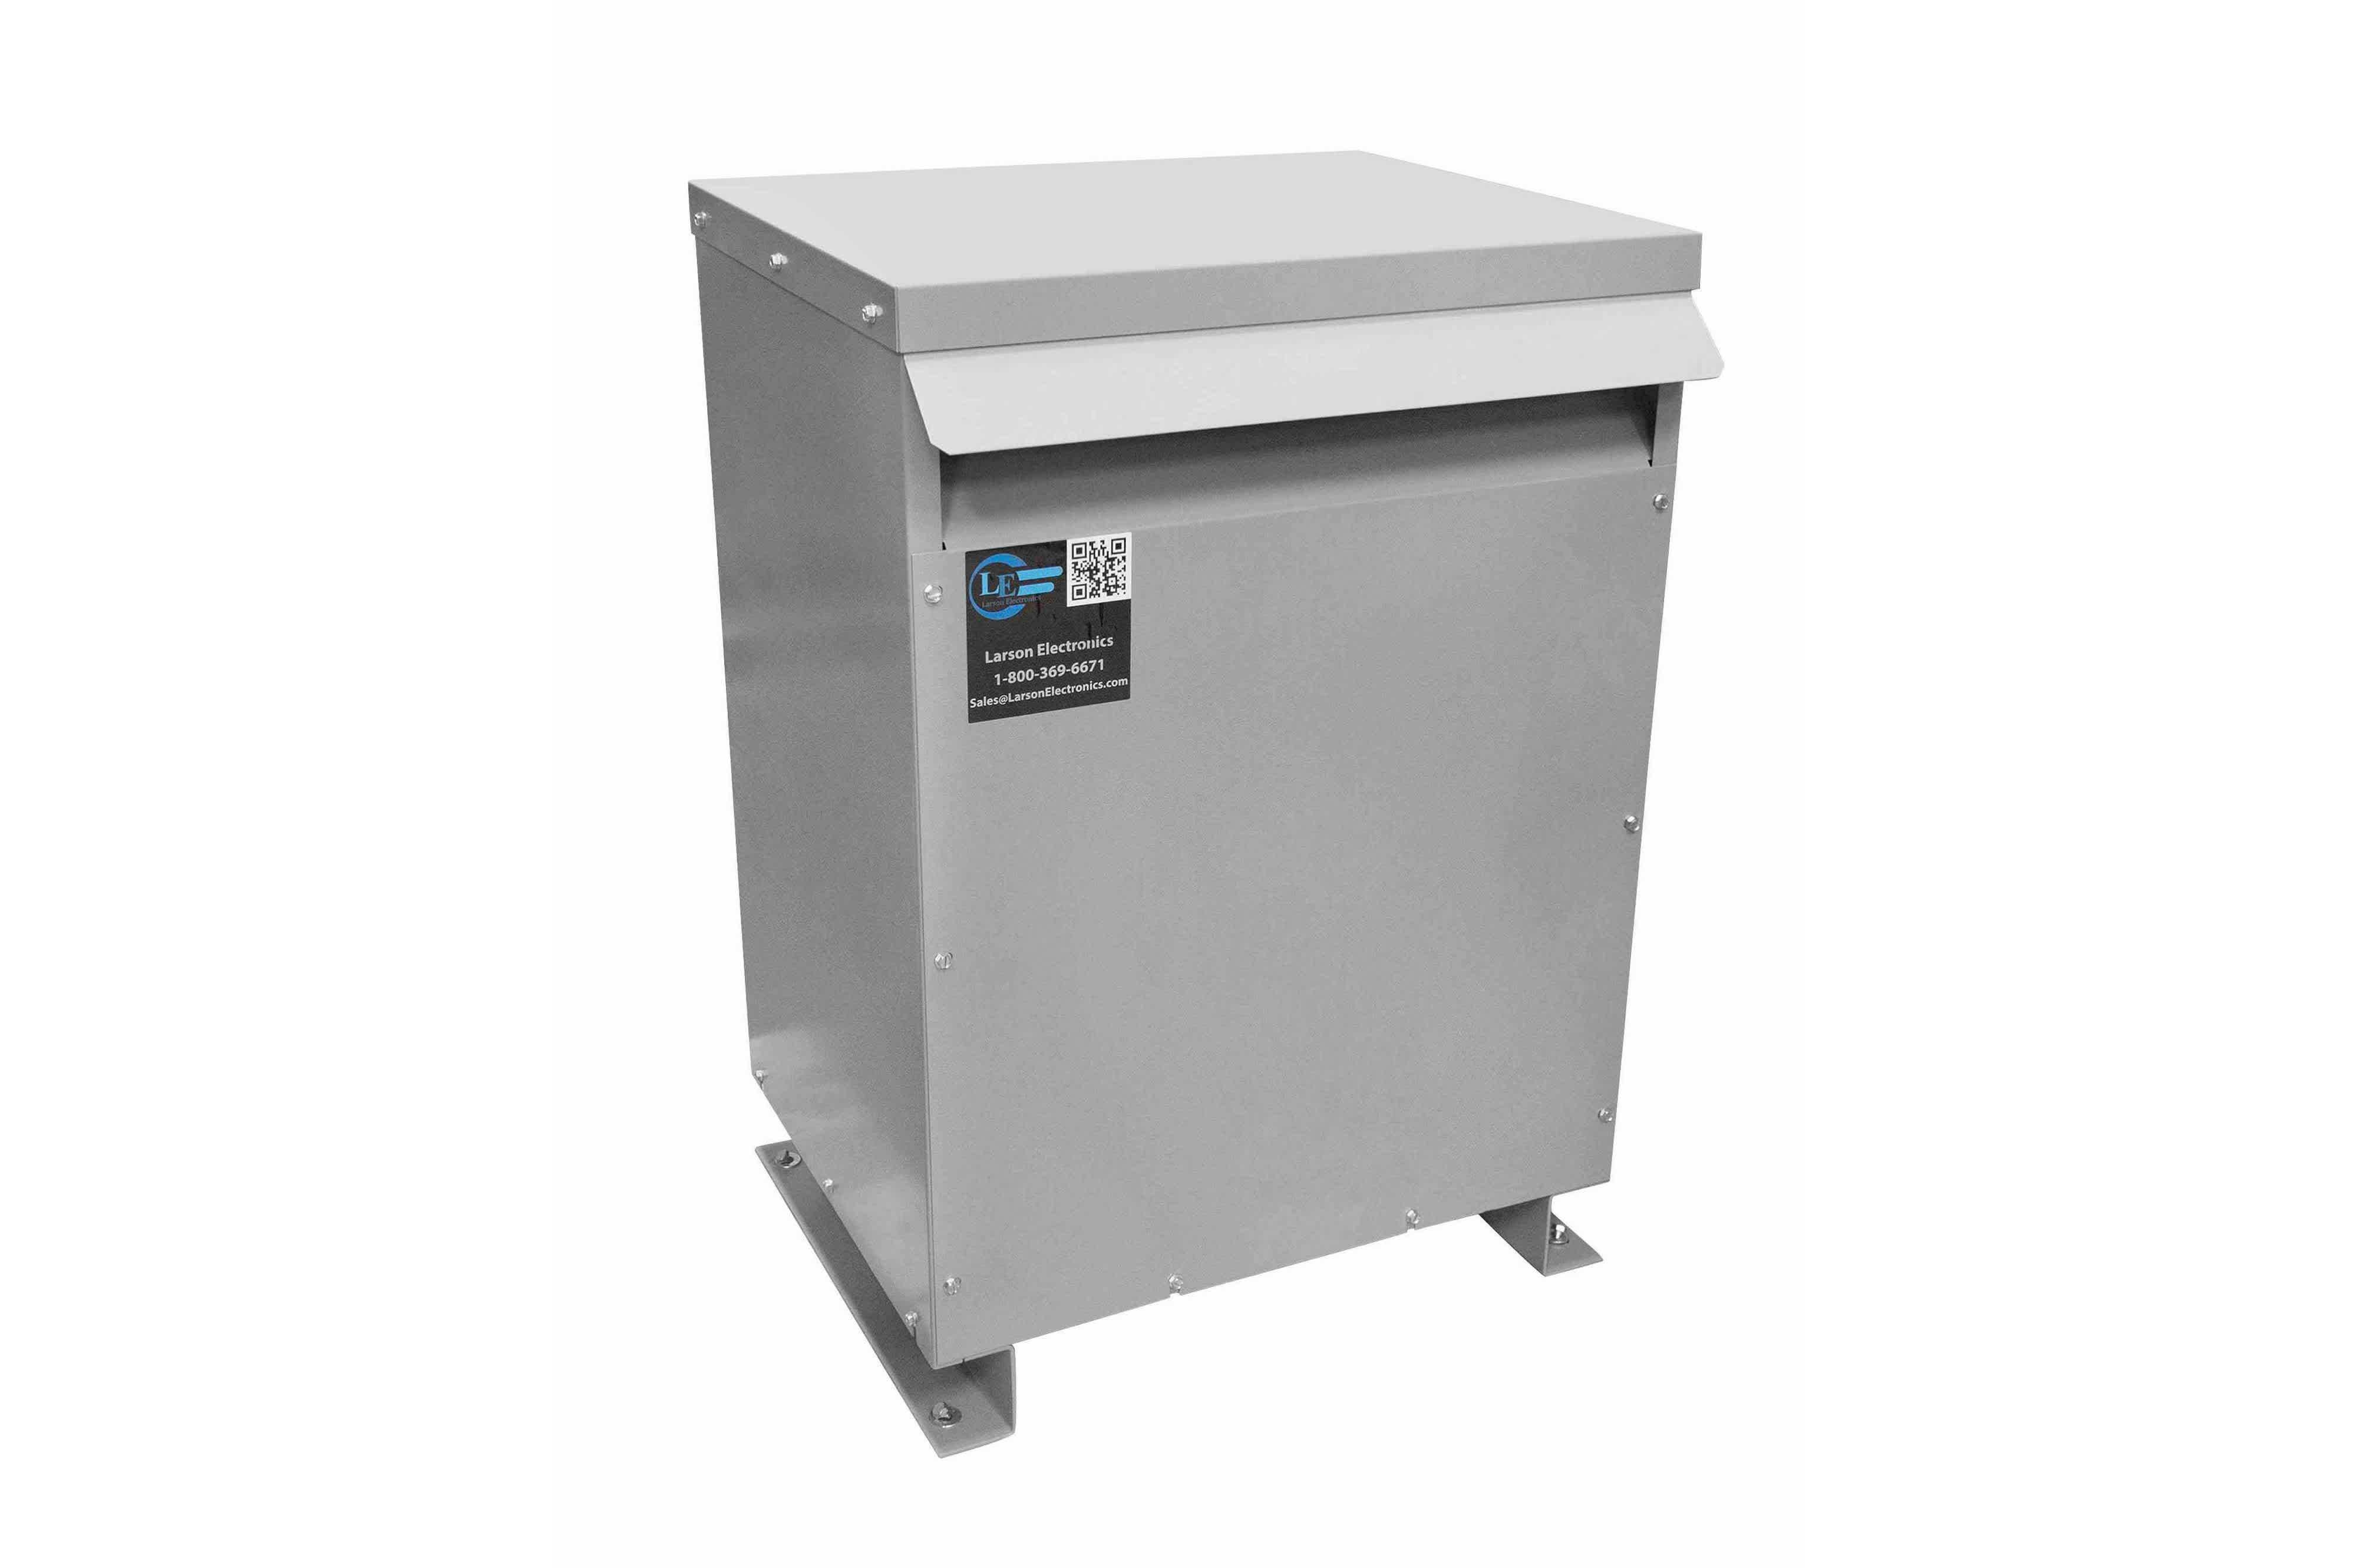 55 kVA 3PH Isolation Transformer, 380V Delta Primary, 600V Delta Secondary, N3R, Ventilated, 60 Hz